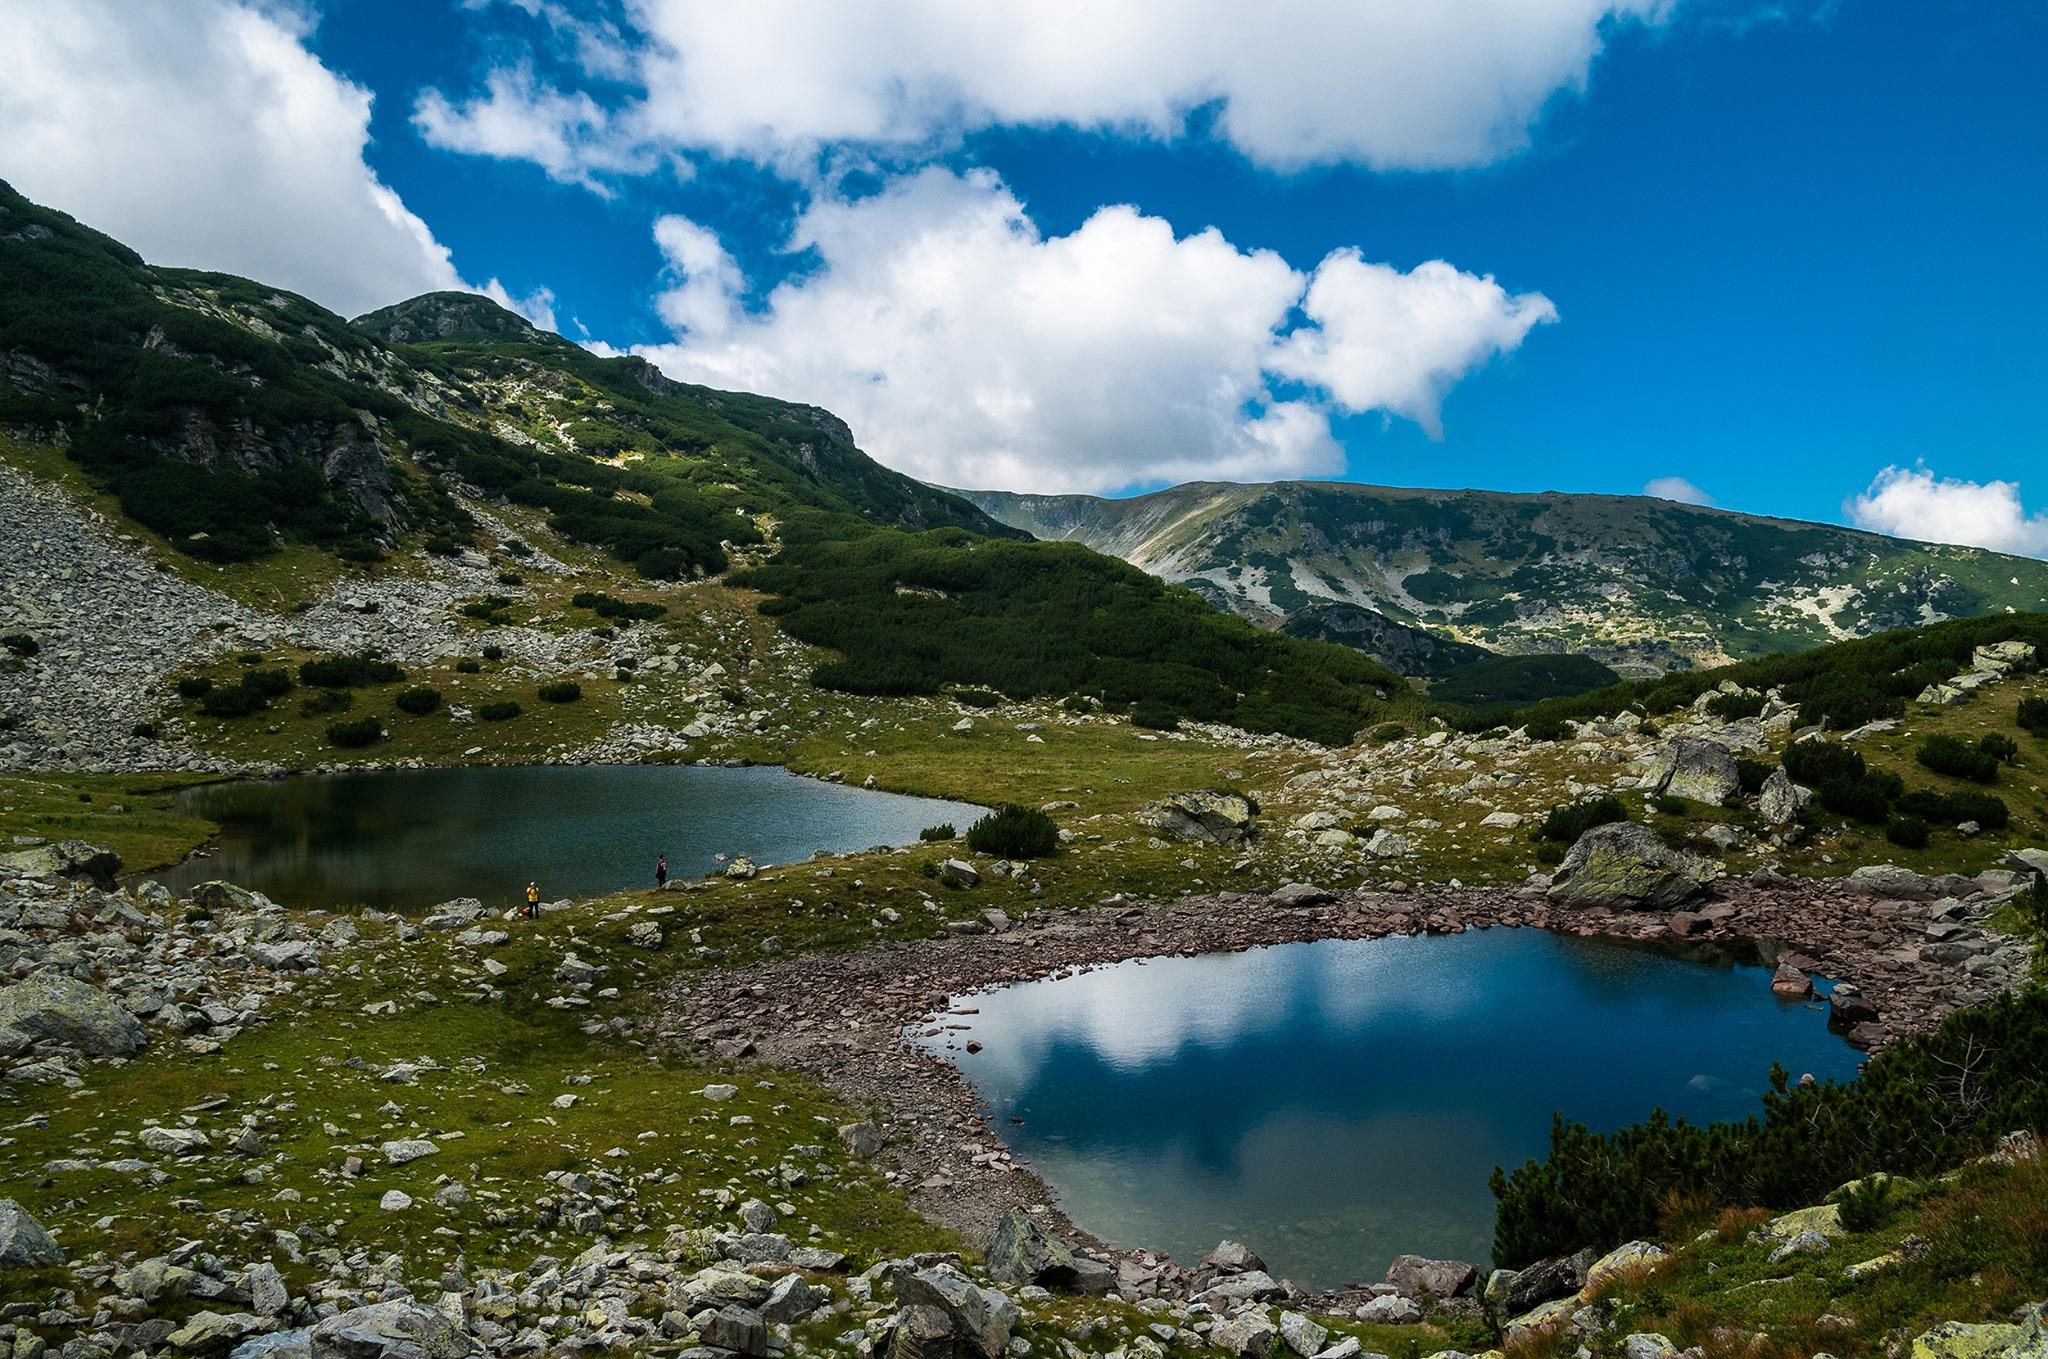 Lacurile Vidal și Pencu - Daniel Morar